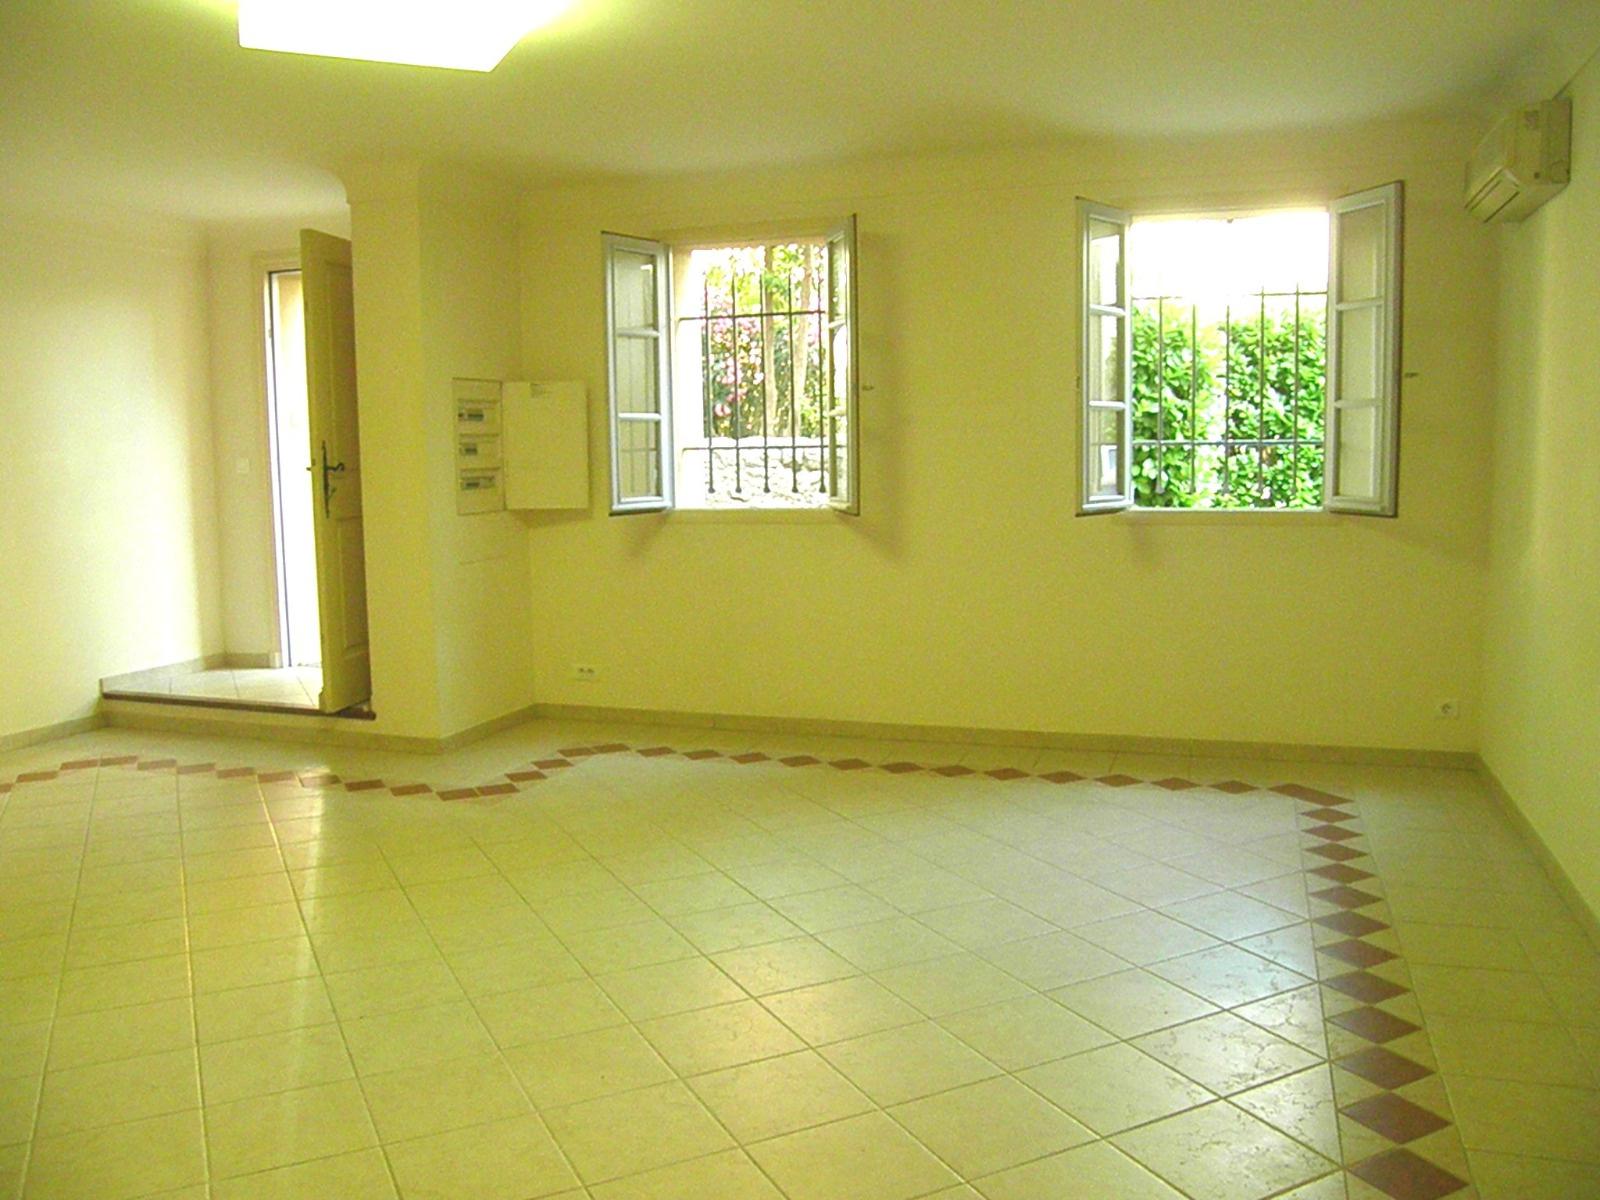 Location Immobilier Professionnel Local professionnel Le Bar-sur-Loup (06620)